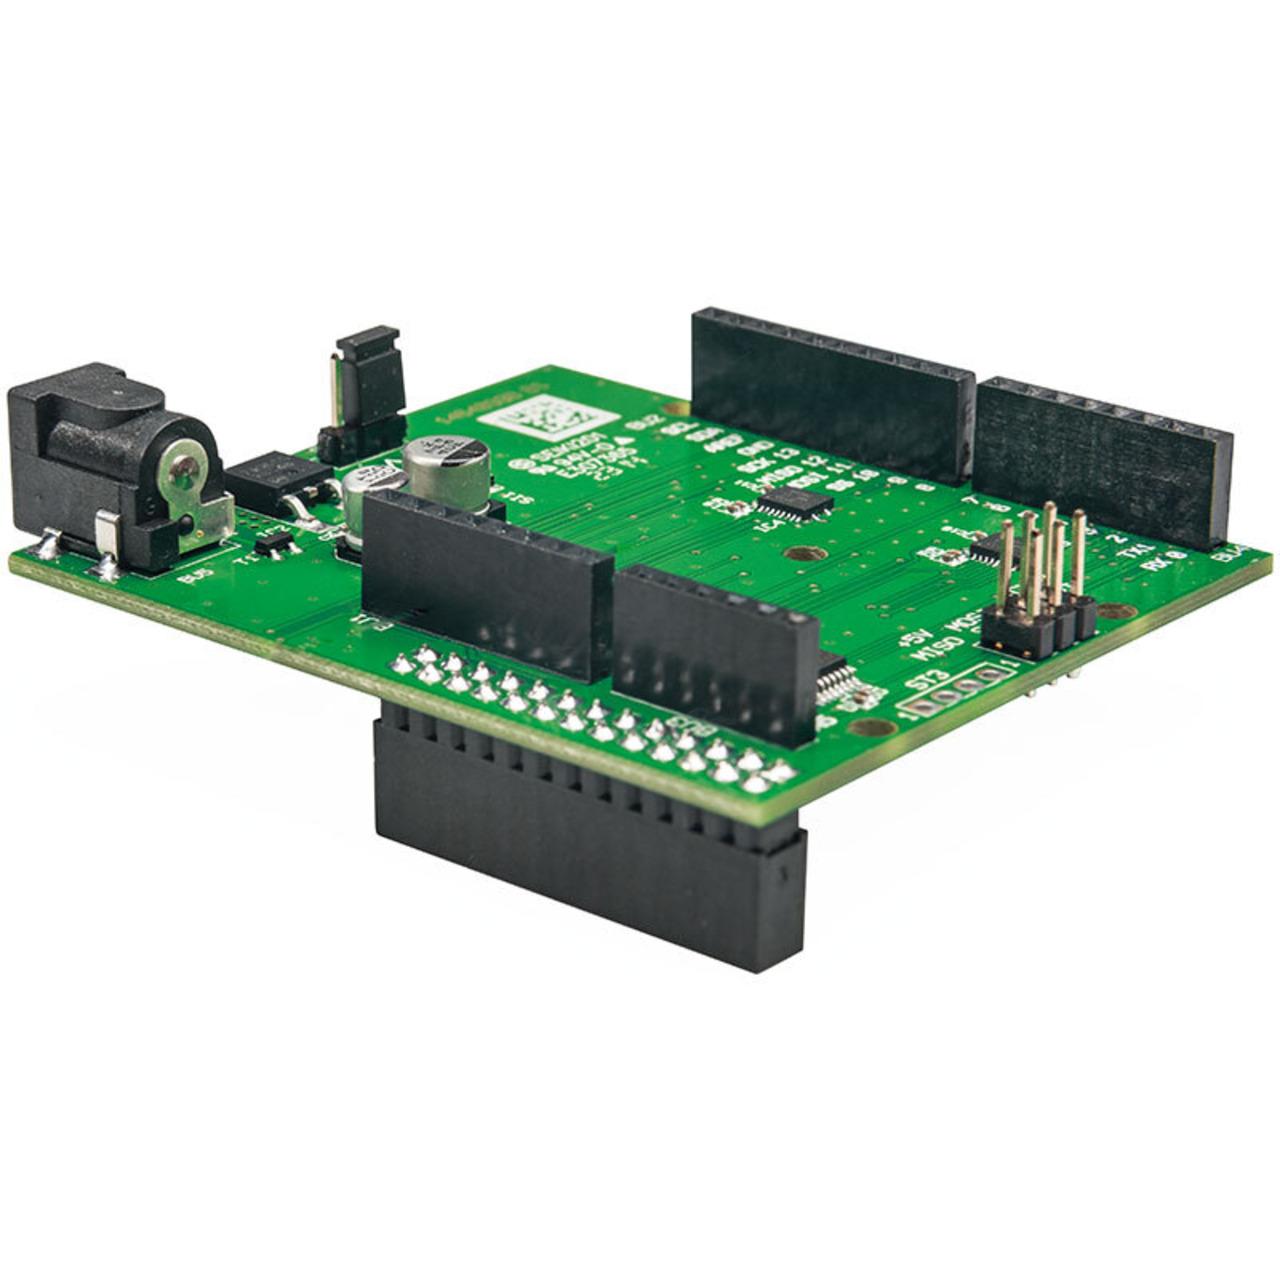 ELV Bausatz Raspberry Adapter für Arduino Shields RPi-AA1